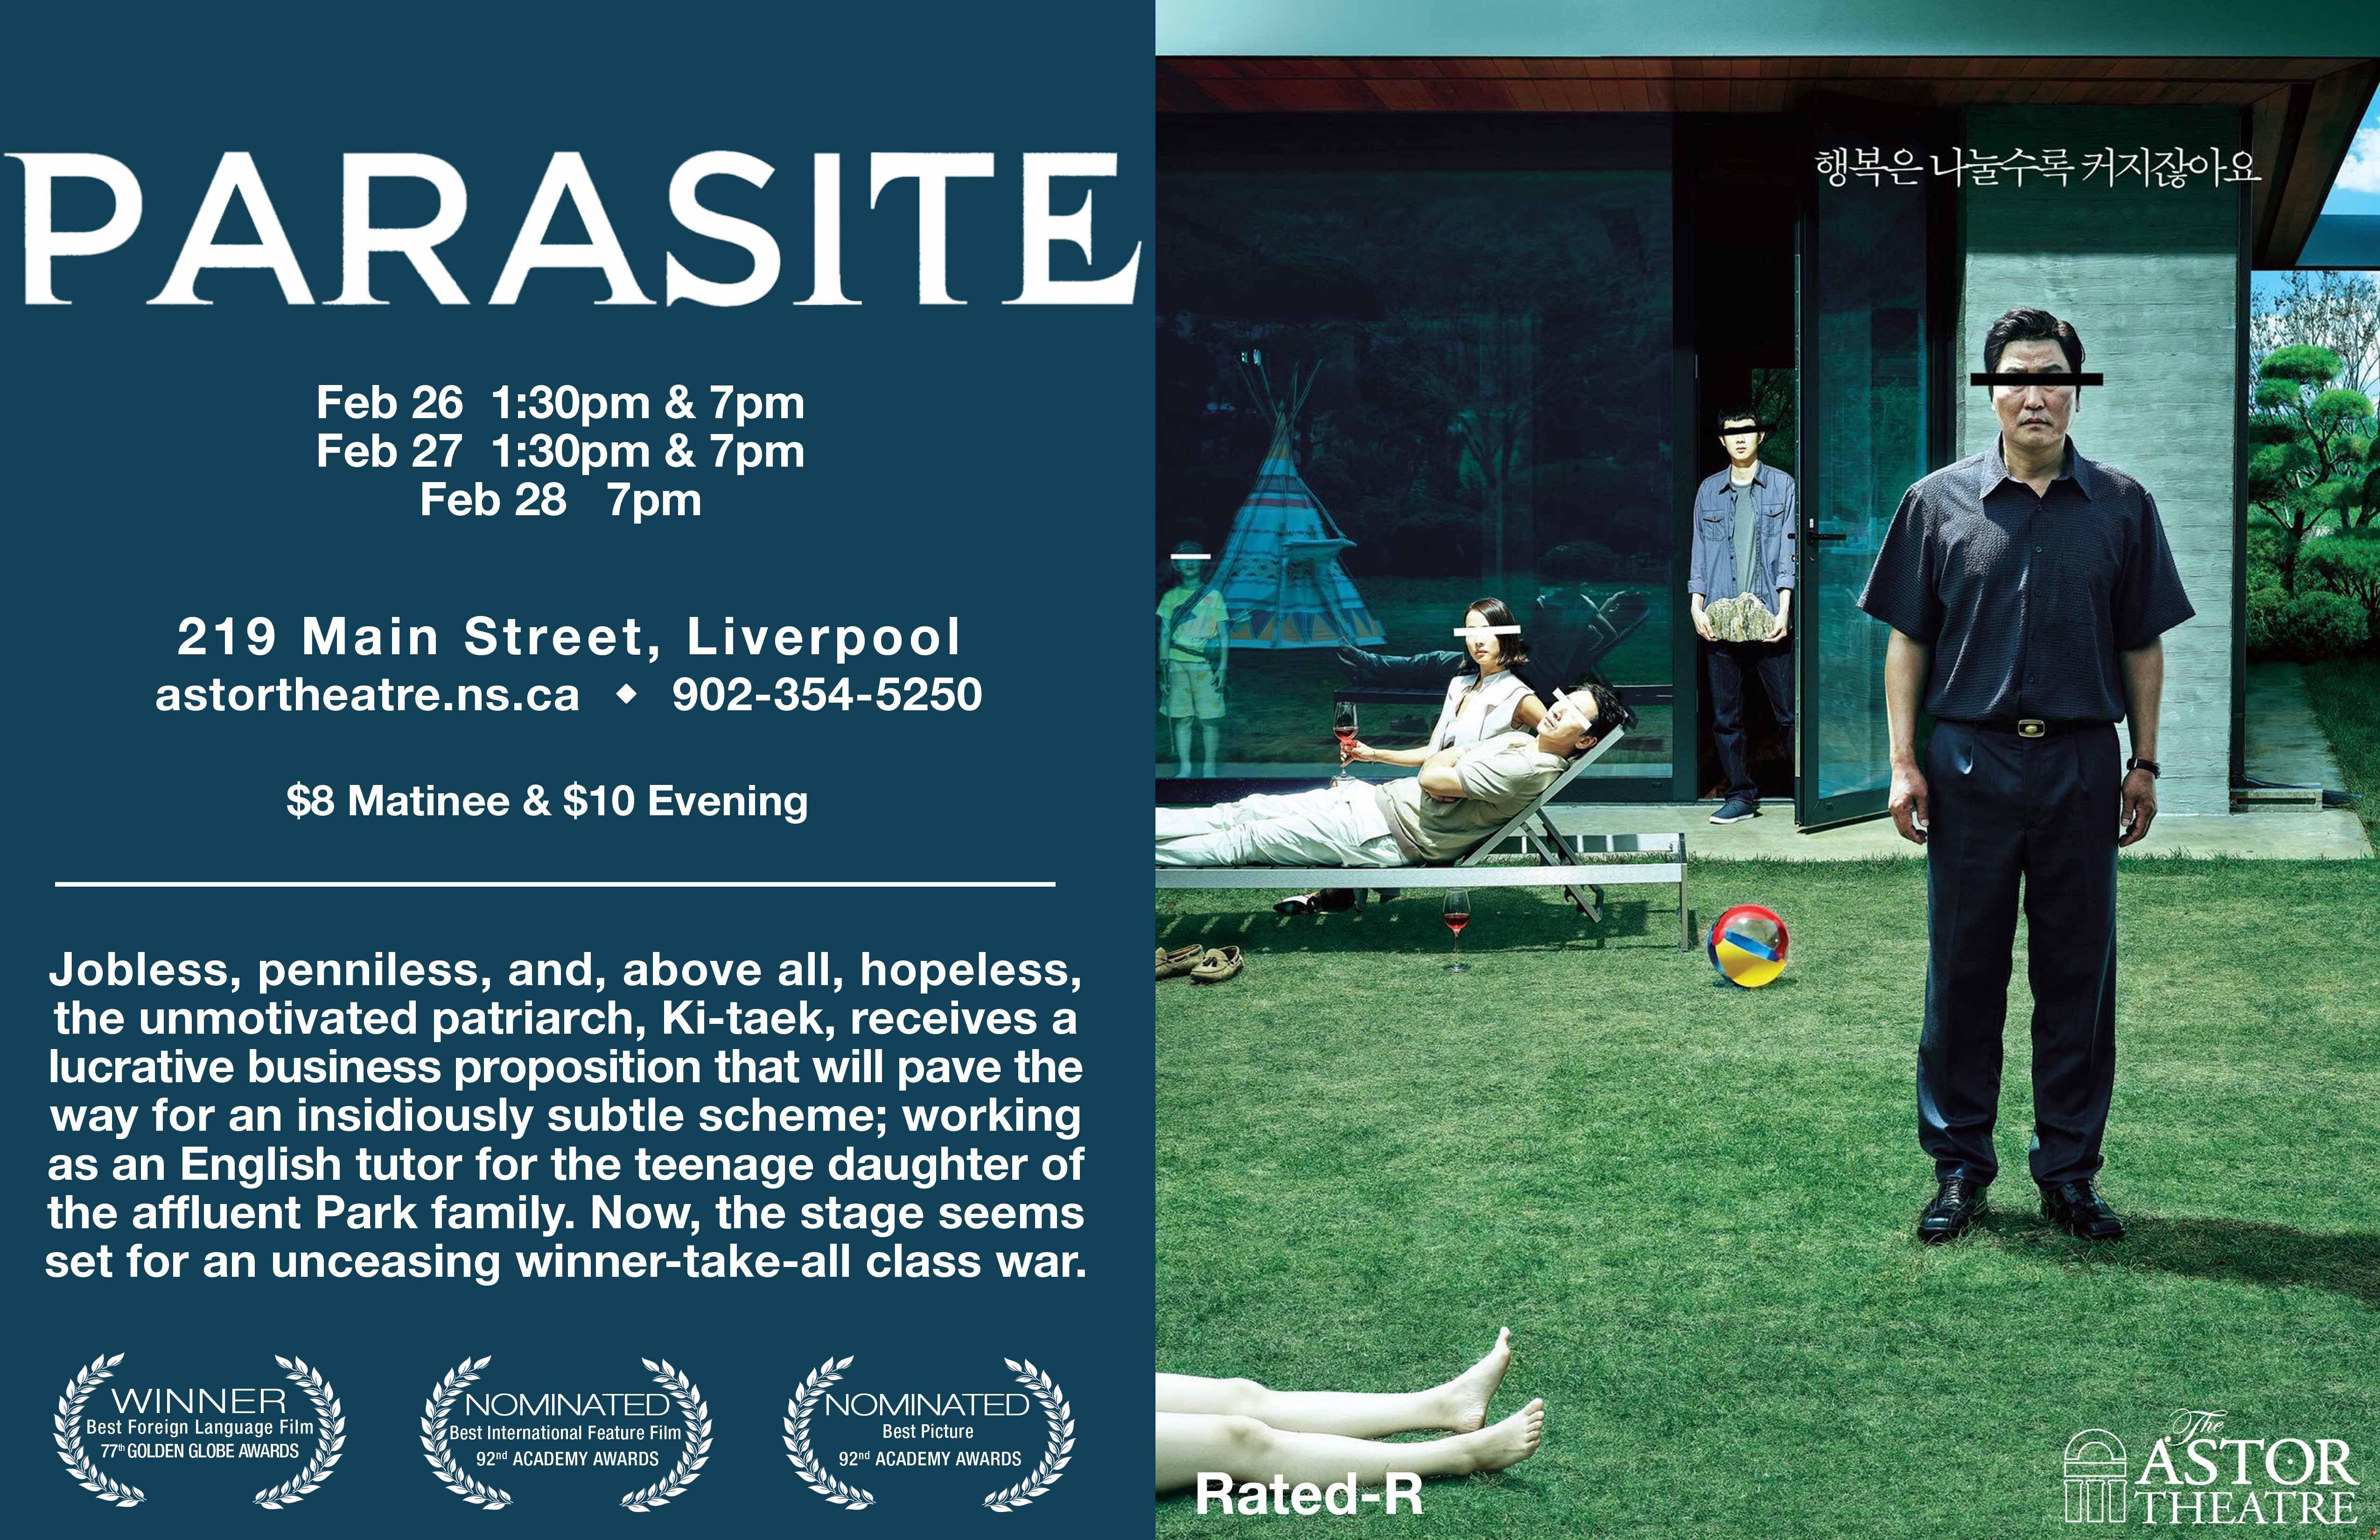 Parasite 1:30pm & 7pm @ Astor Theatre